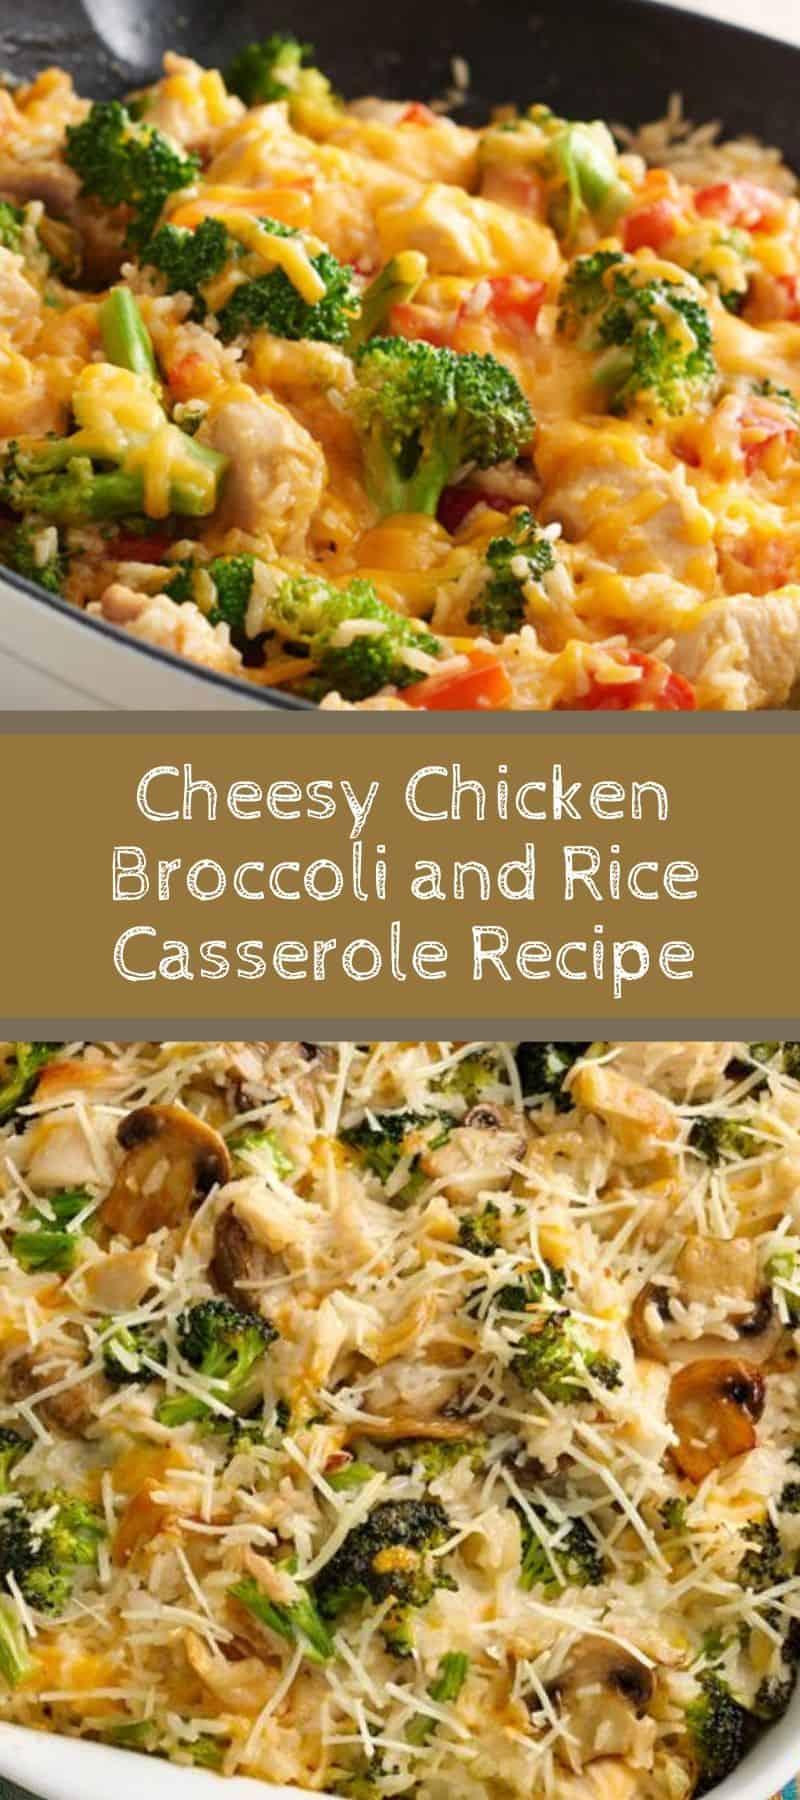 Cheesy Chicken Broccoli and Rice Casserole Recipe 3